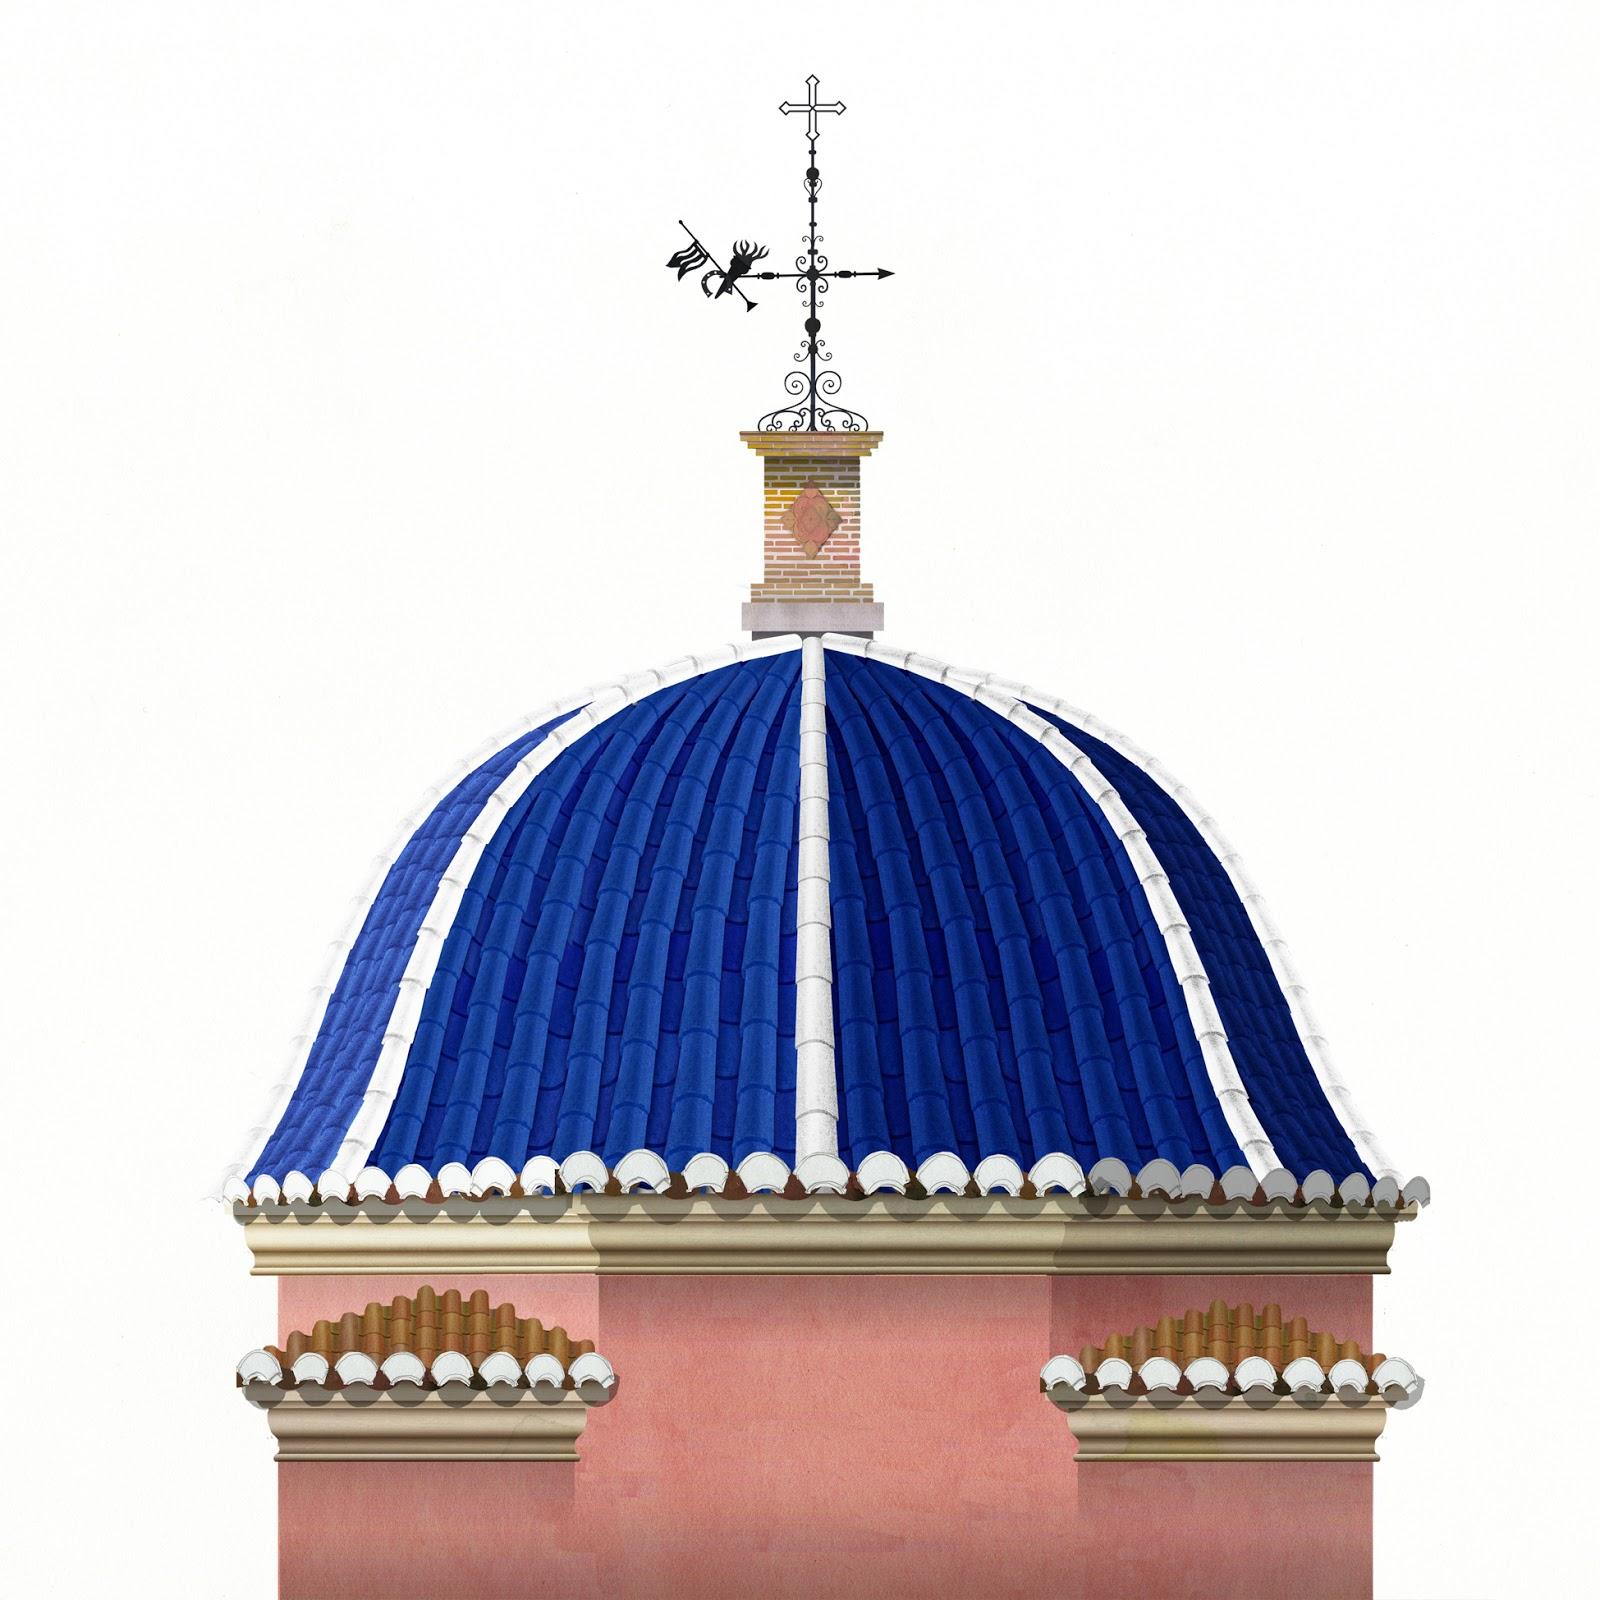 veleta, san Vicente, Agemesi